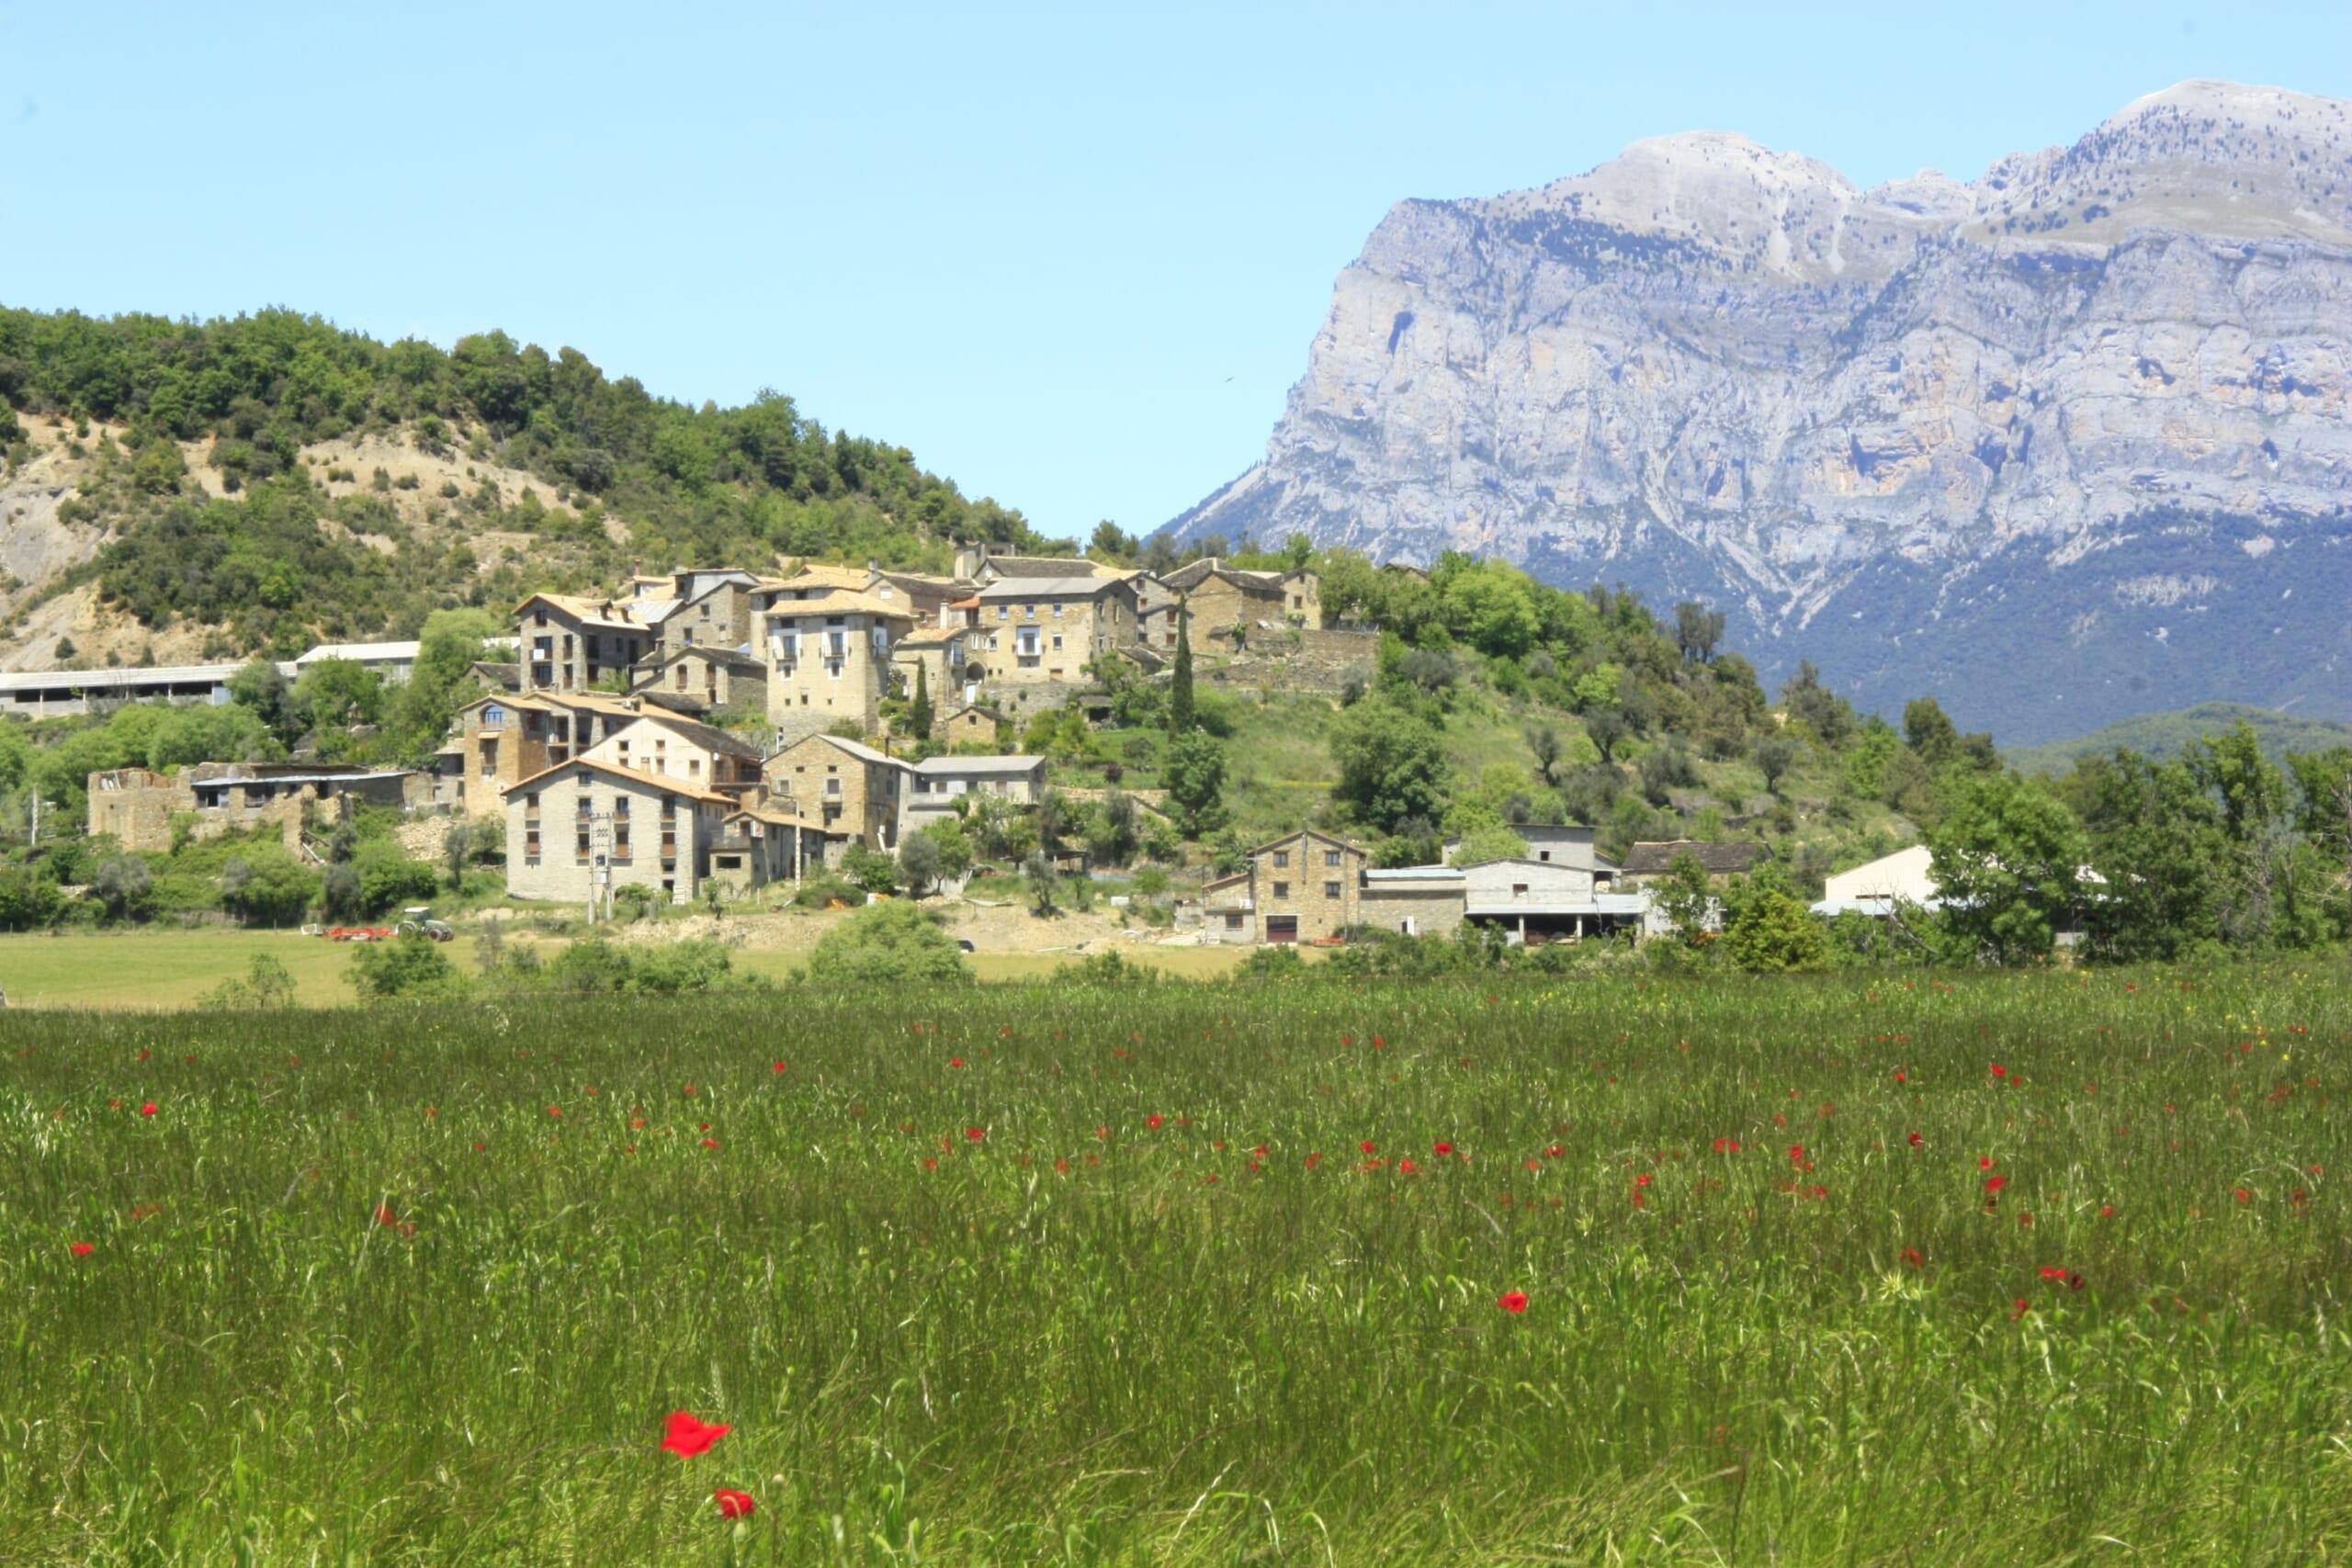 北スペインの観光スポットであるピレネー山脈と小さな村